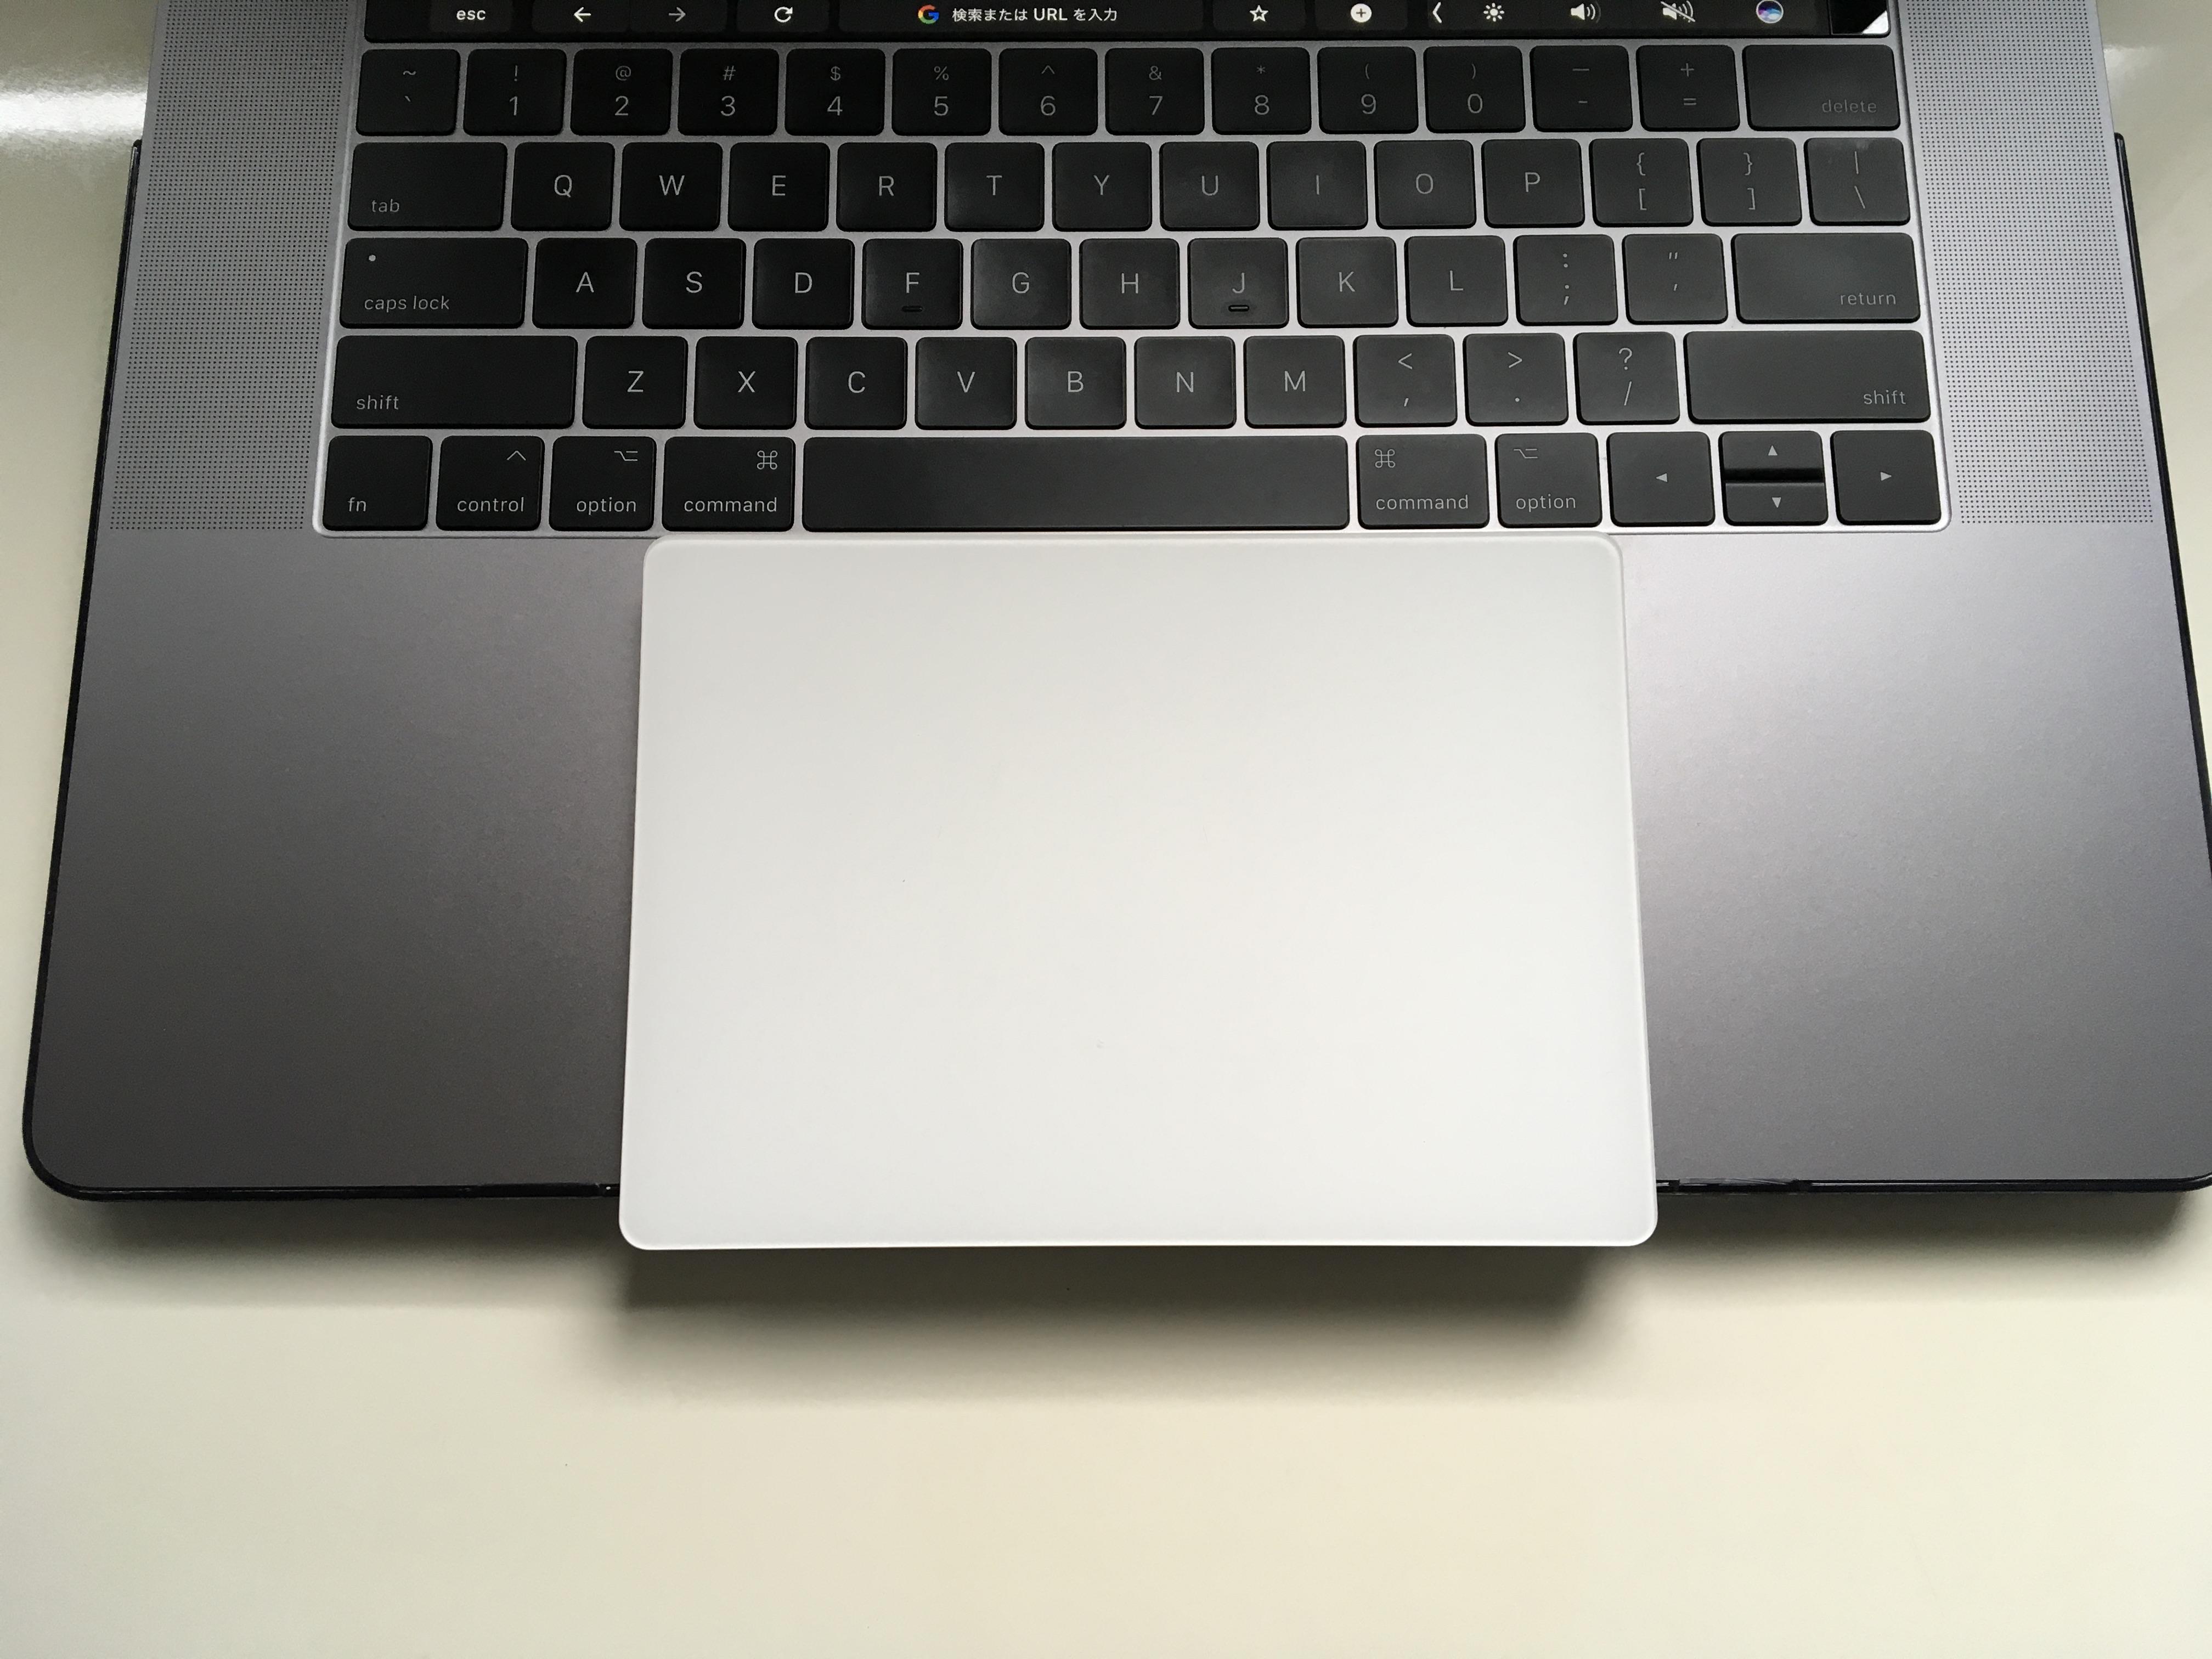 Trackpadの大きさを比較